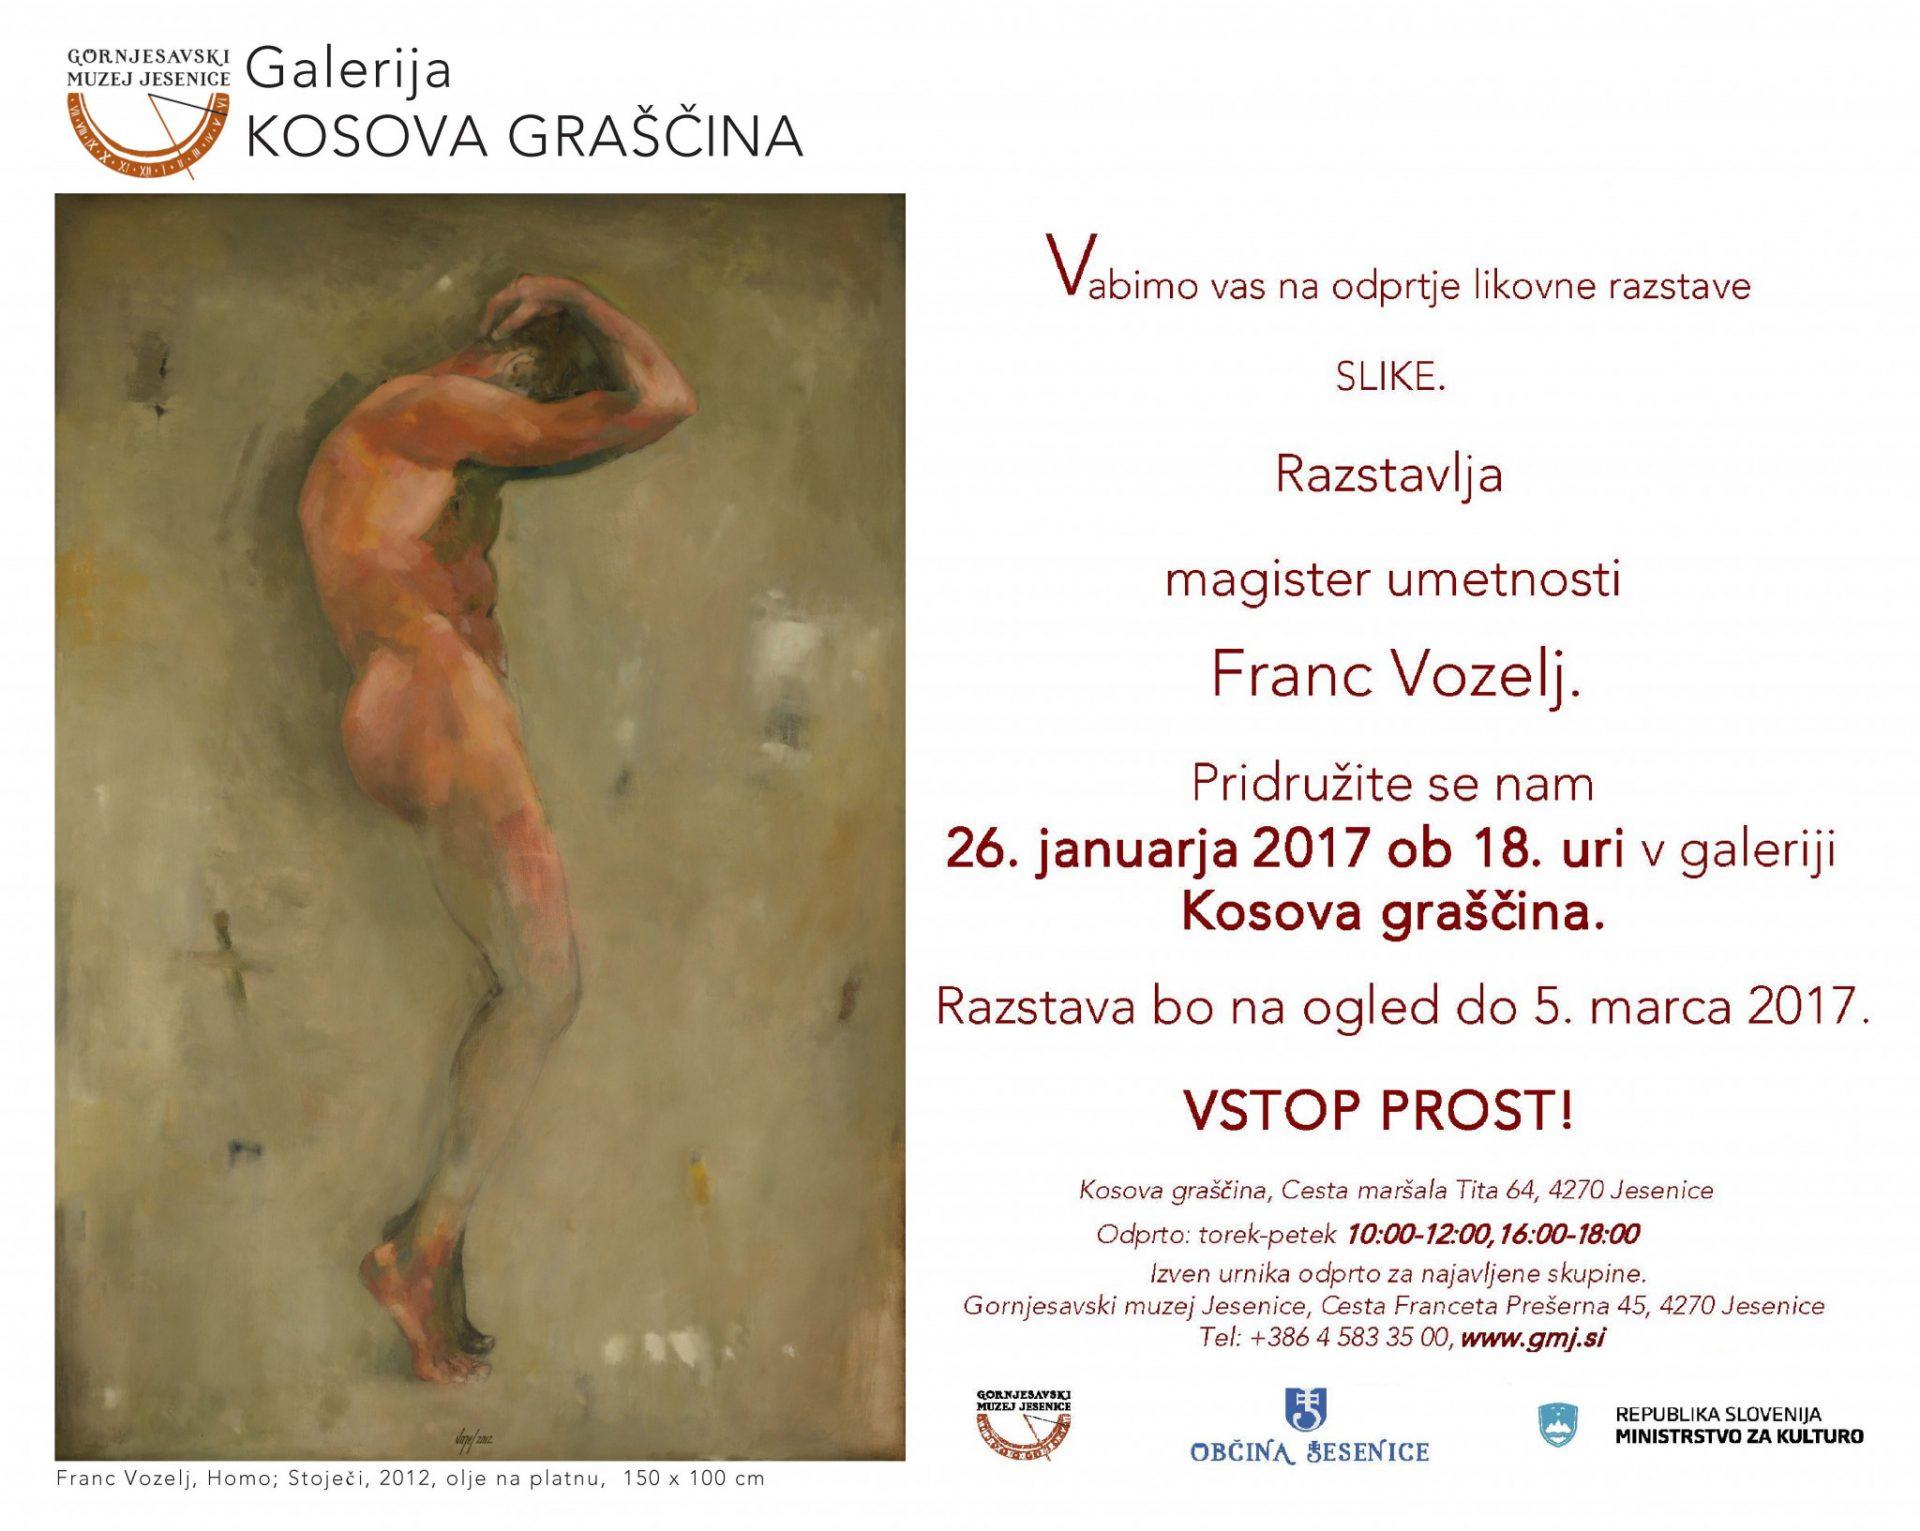 fRANC vOZELJ, Aljaž Pogačnik, Gornjesavski muzej, Jesenice, Galerija Kosova graščina, figura, tihožitje, oljno slikarstvo